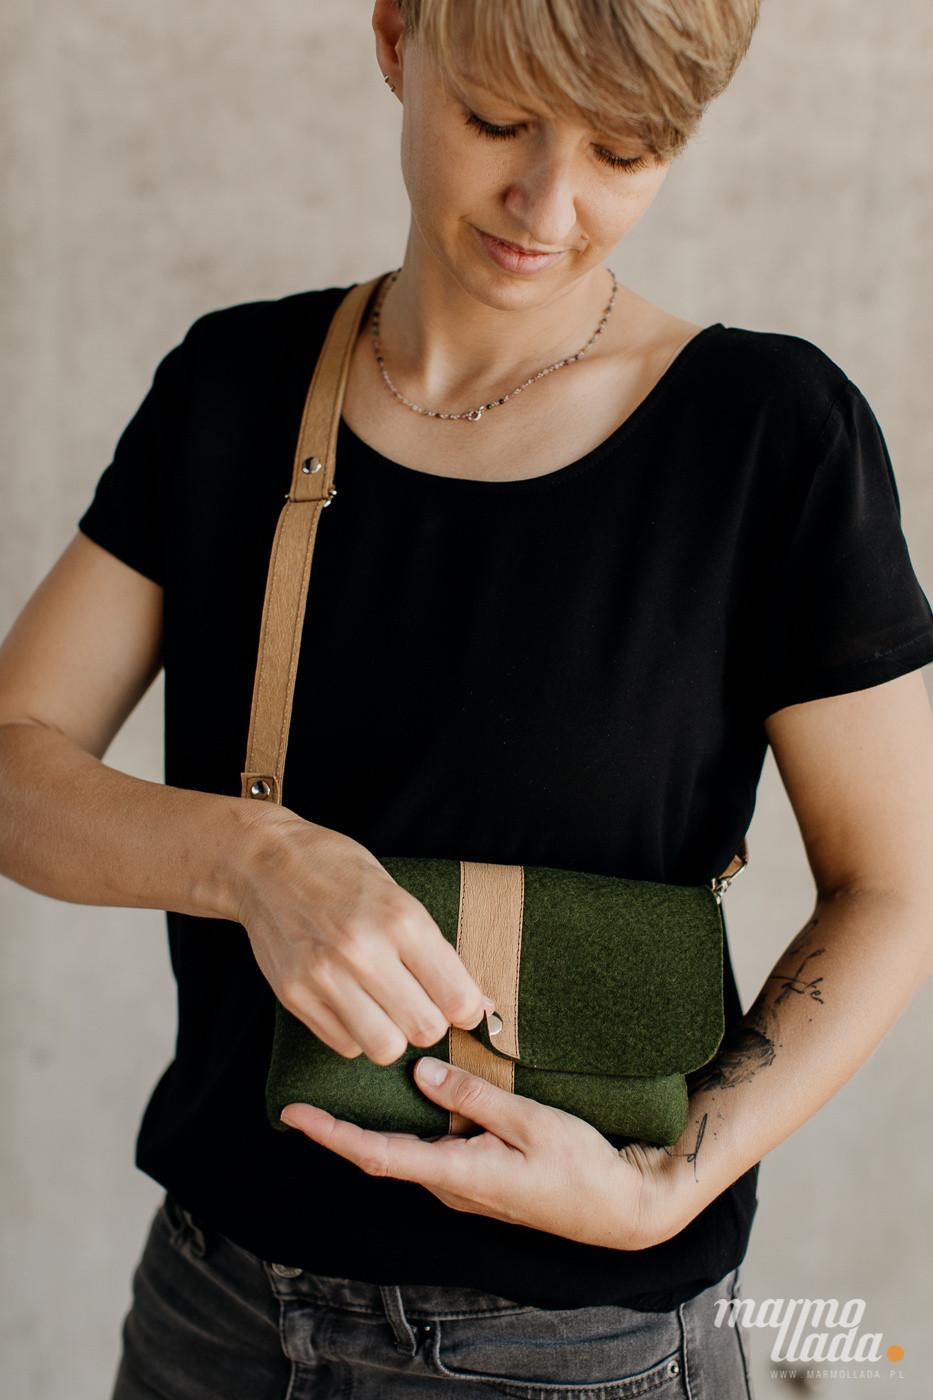 marmollada - torebka filcowa mała LEŚNA z piaskowymi dodatkami - Marmollada